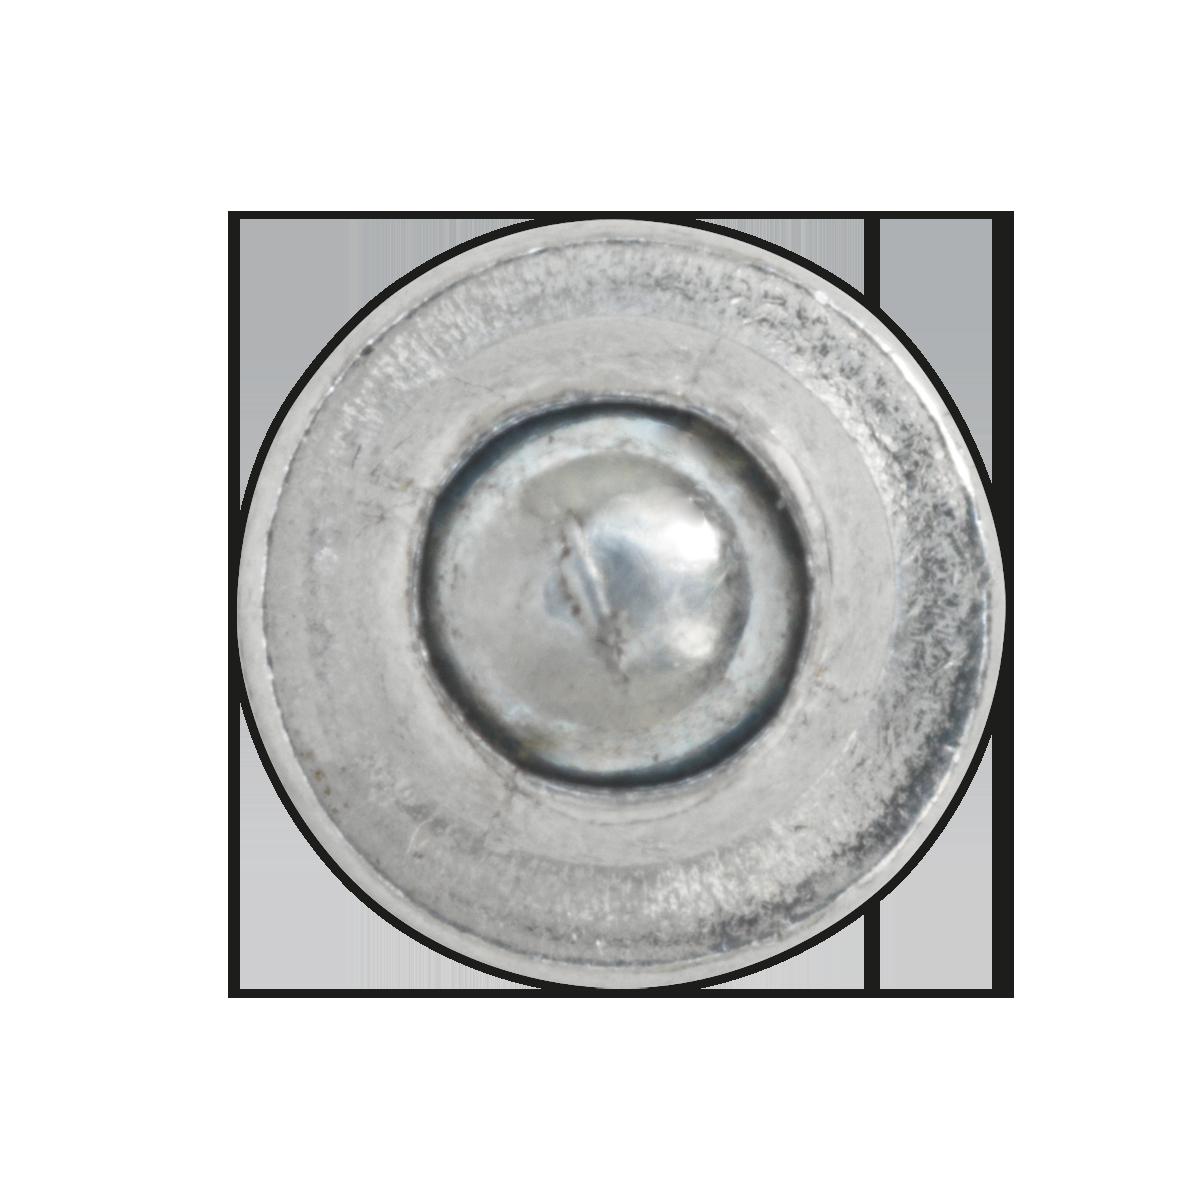 Aluminium Blind Rivet Standard Flange 6.4 x 19.5mm Pack of 200